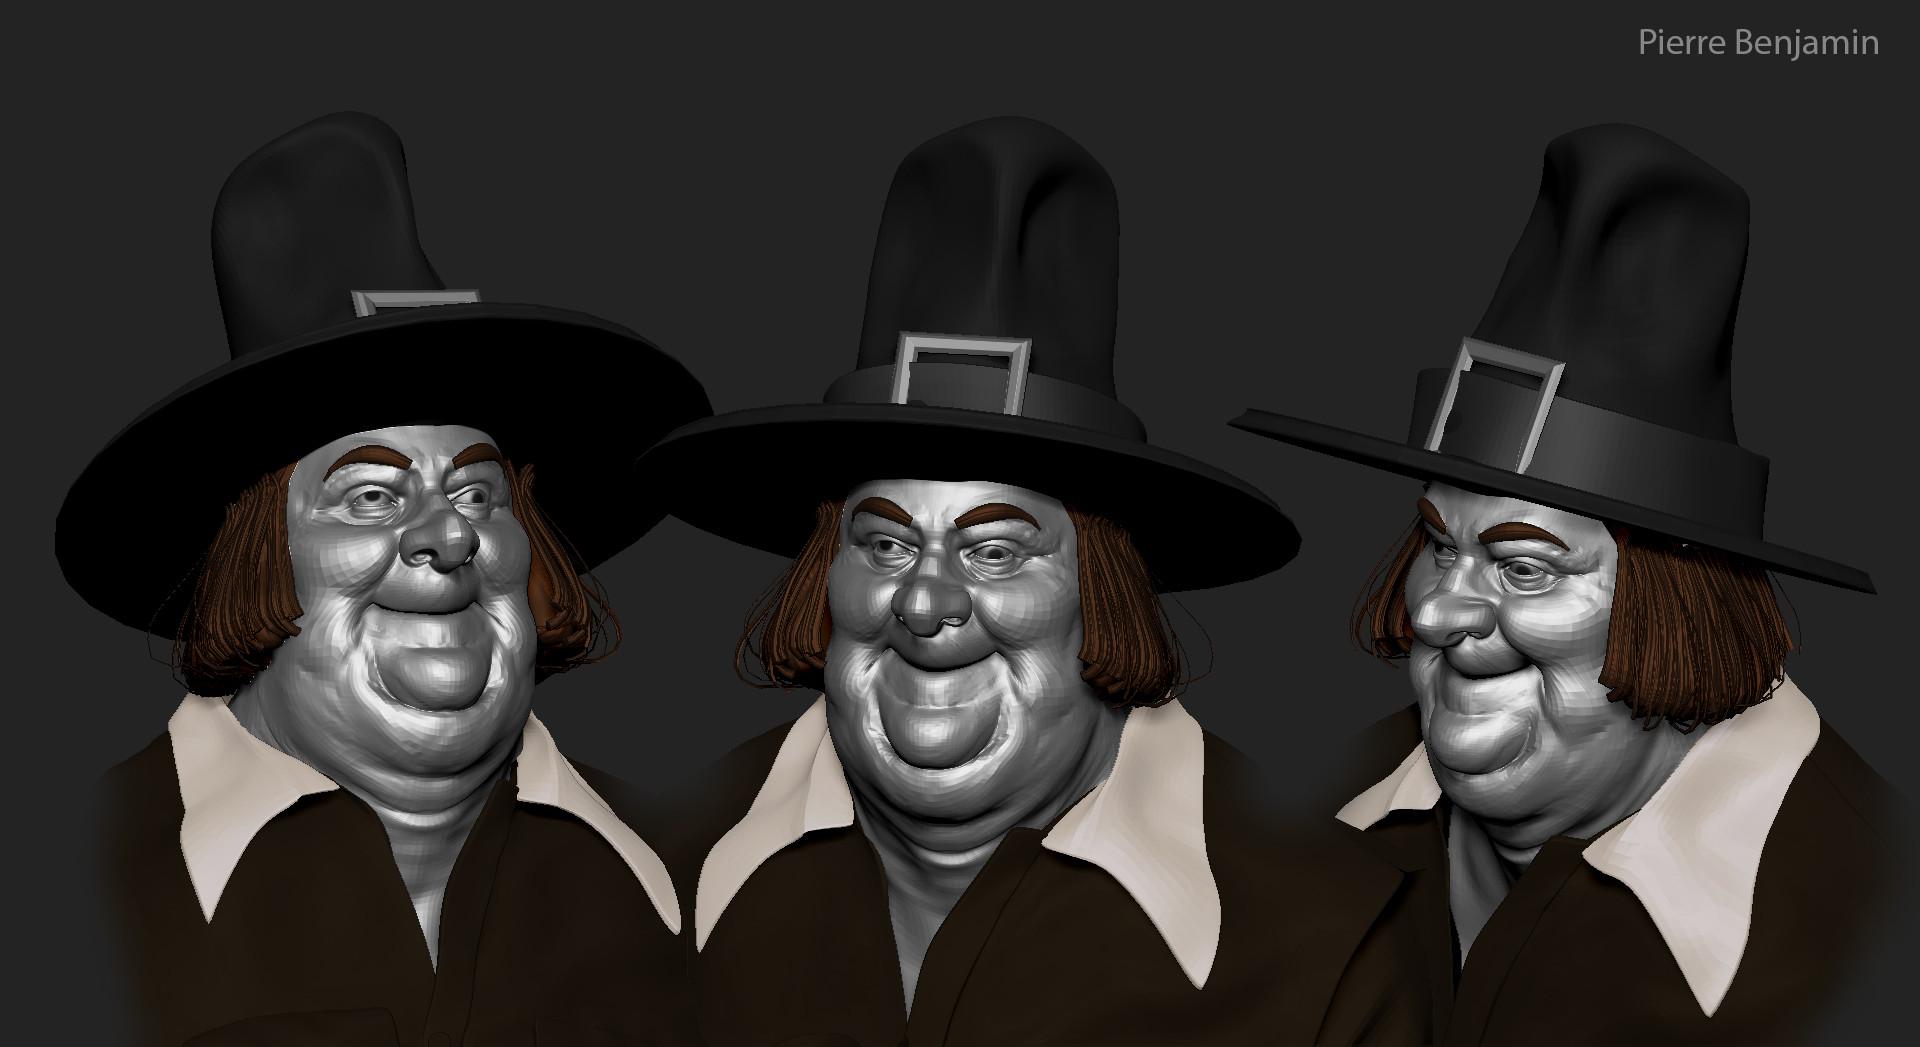 Pierre benjamin leyendecker fat sales man medieval